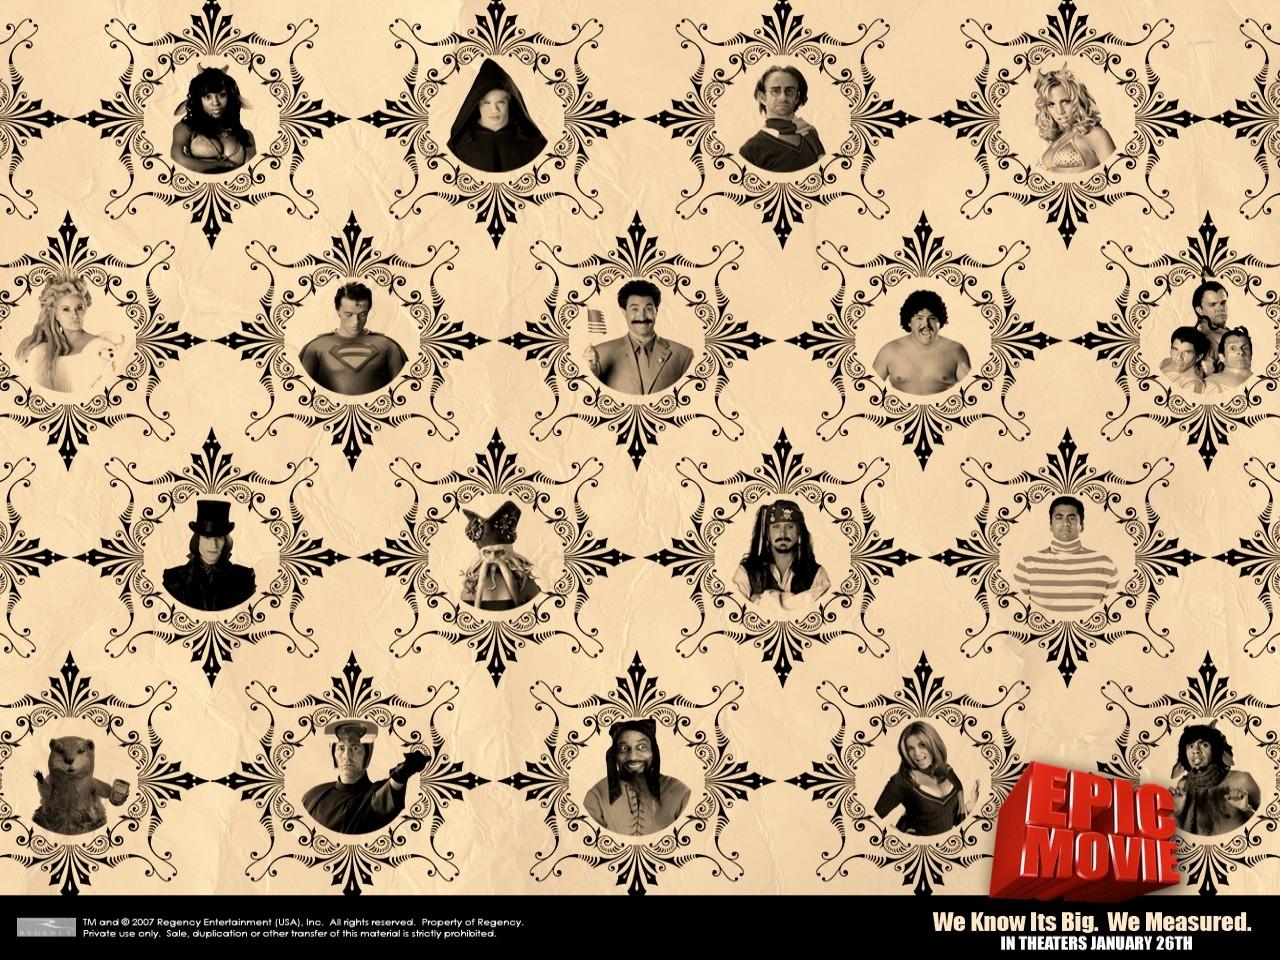 Wallpaper (nel vero senso della parola) del film Epic Movie